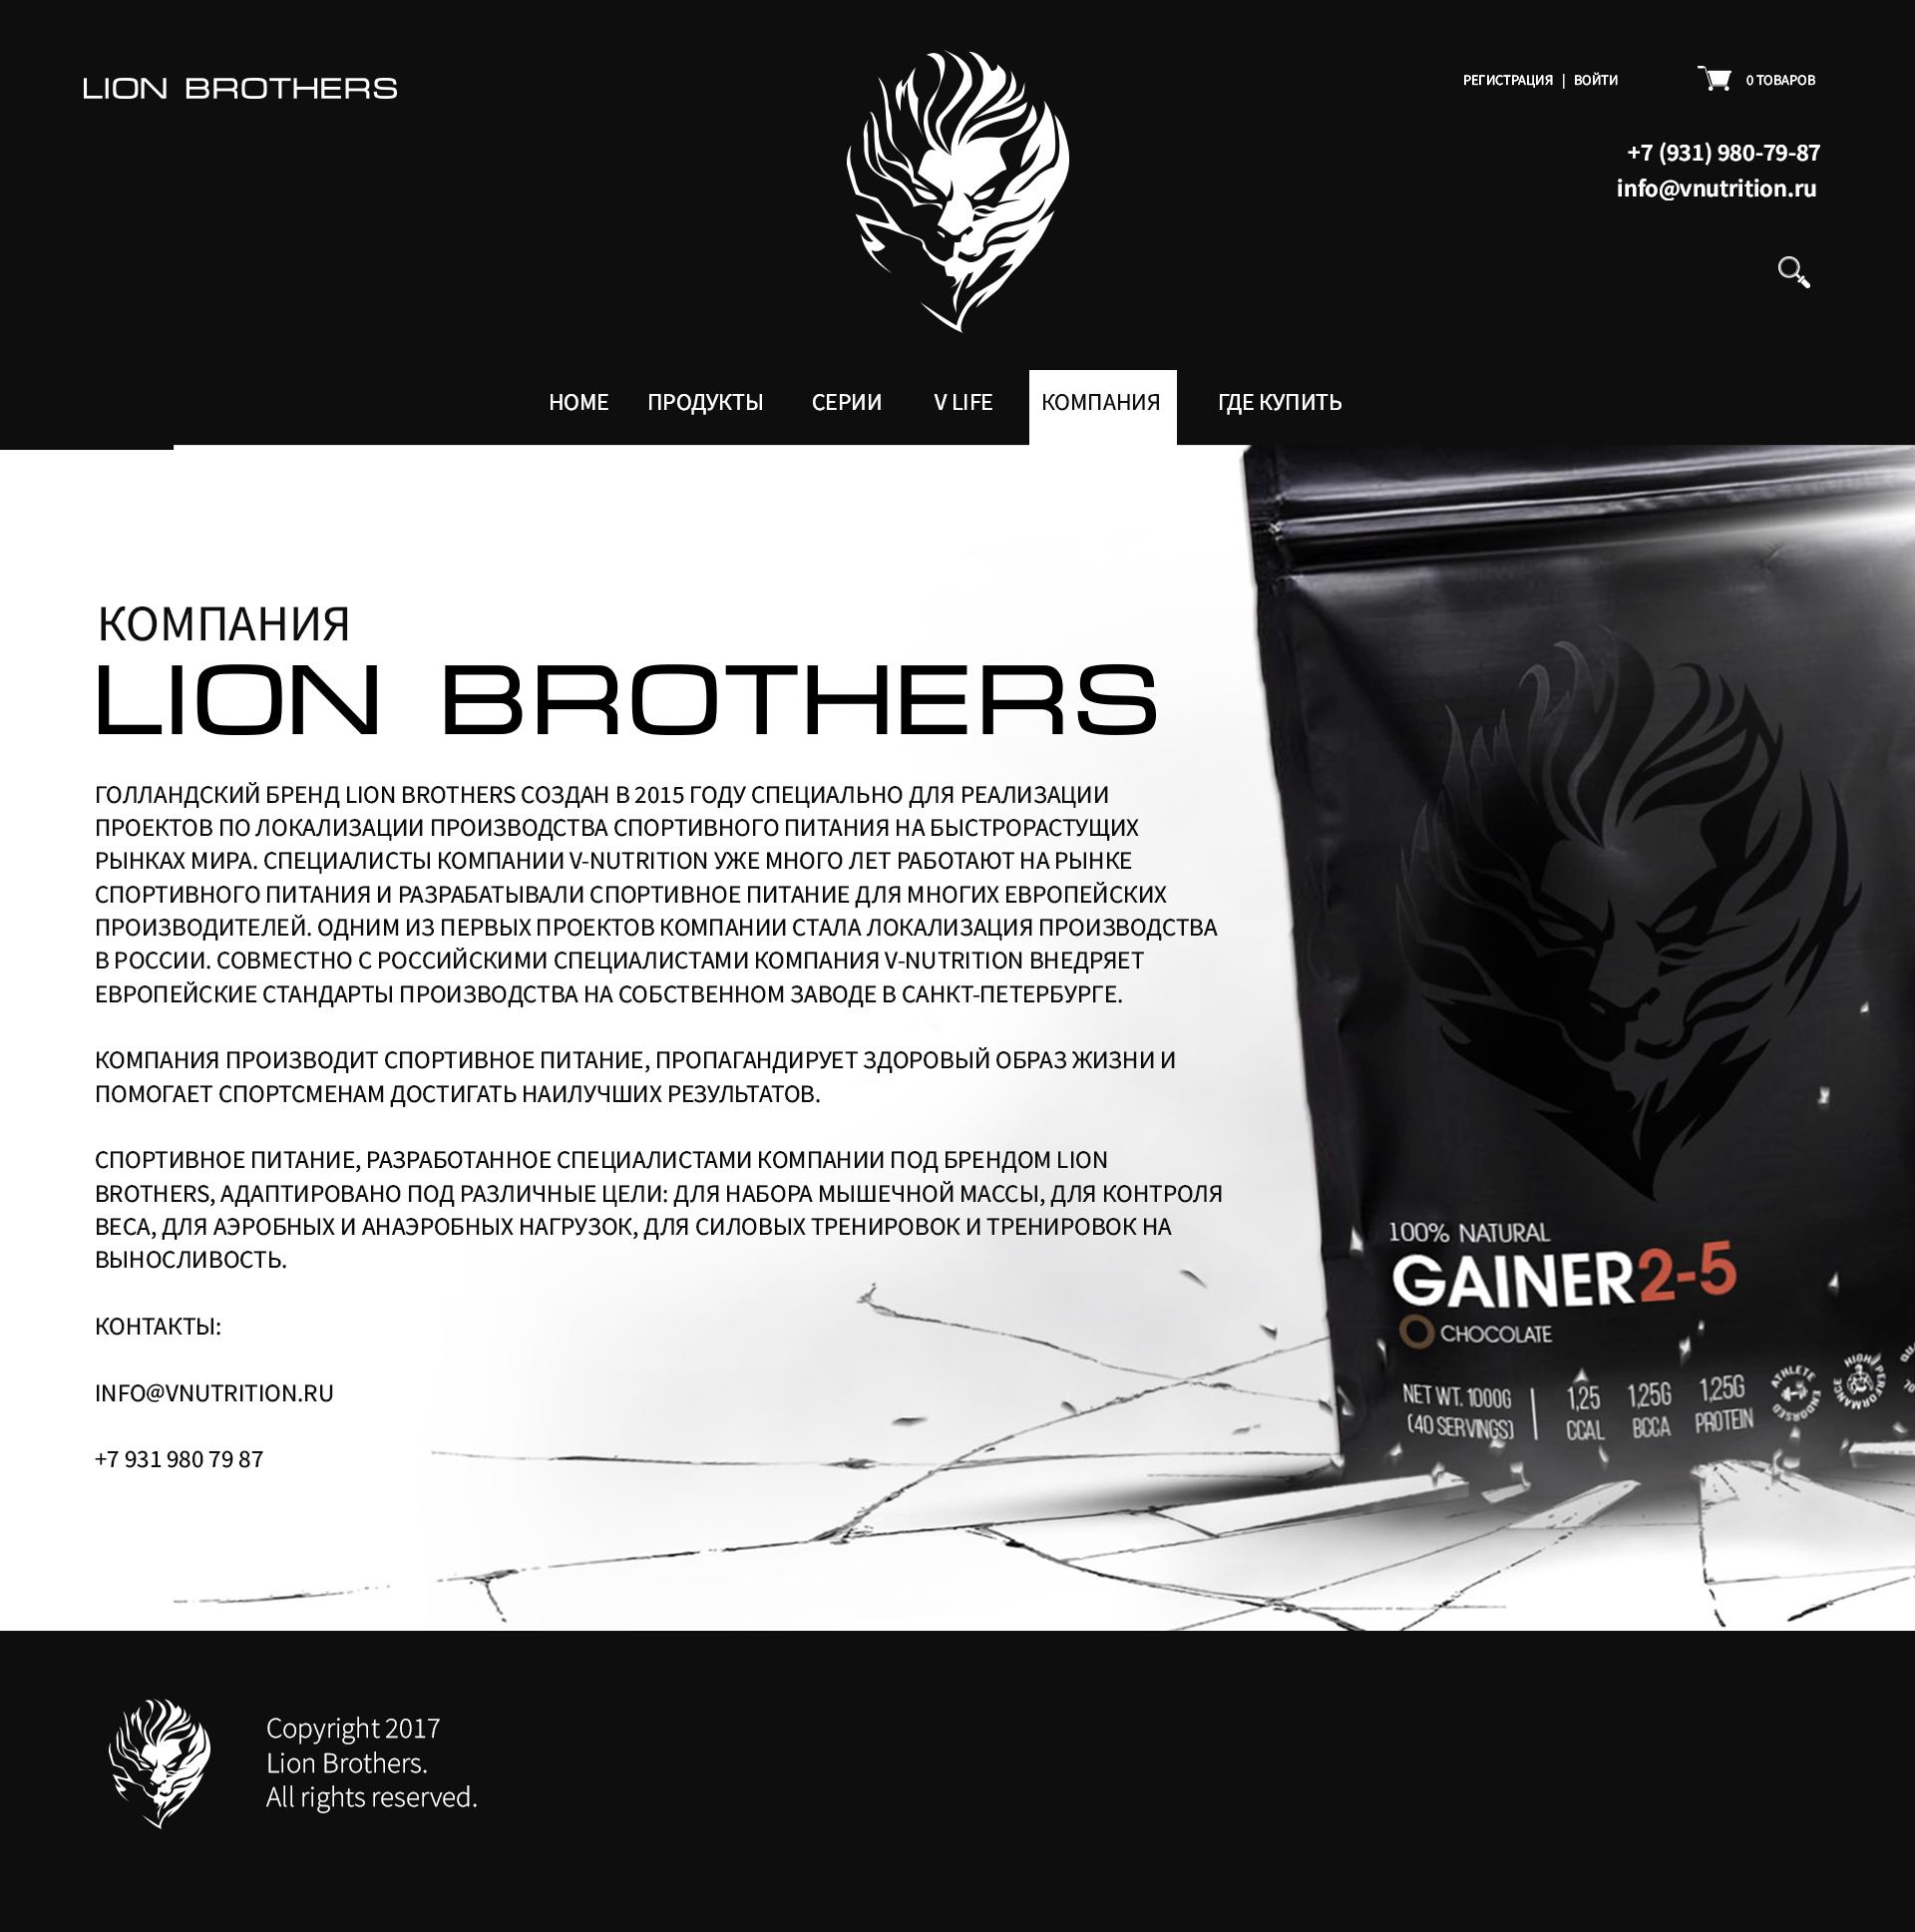 LB Web 4